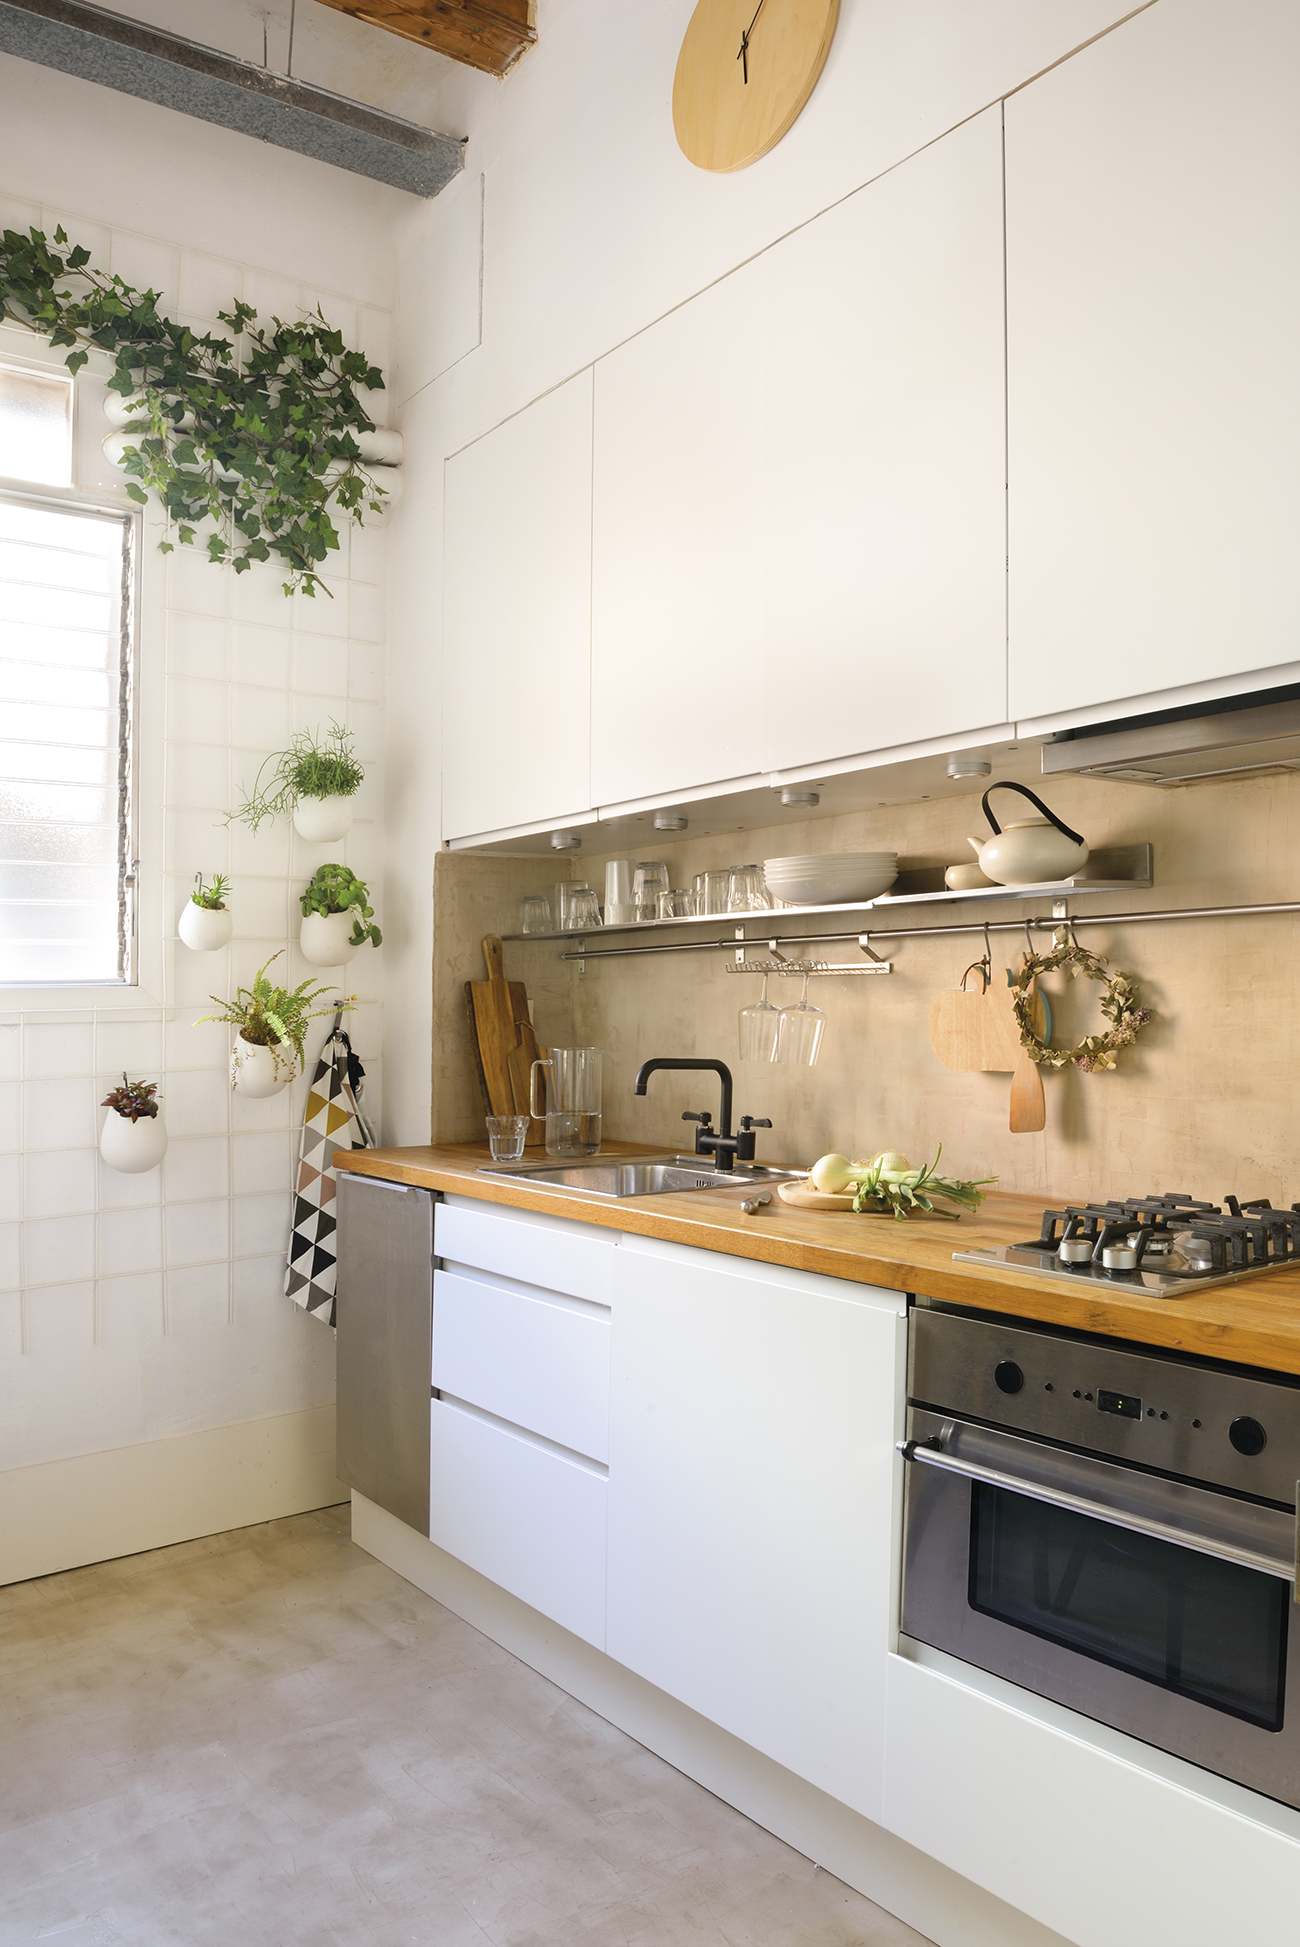 Encimeras El Mueble ~ Encimeras De Marmol Para Cocinas Precios